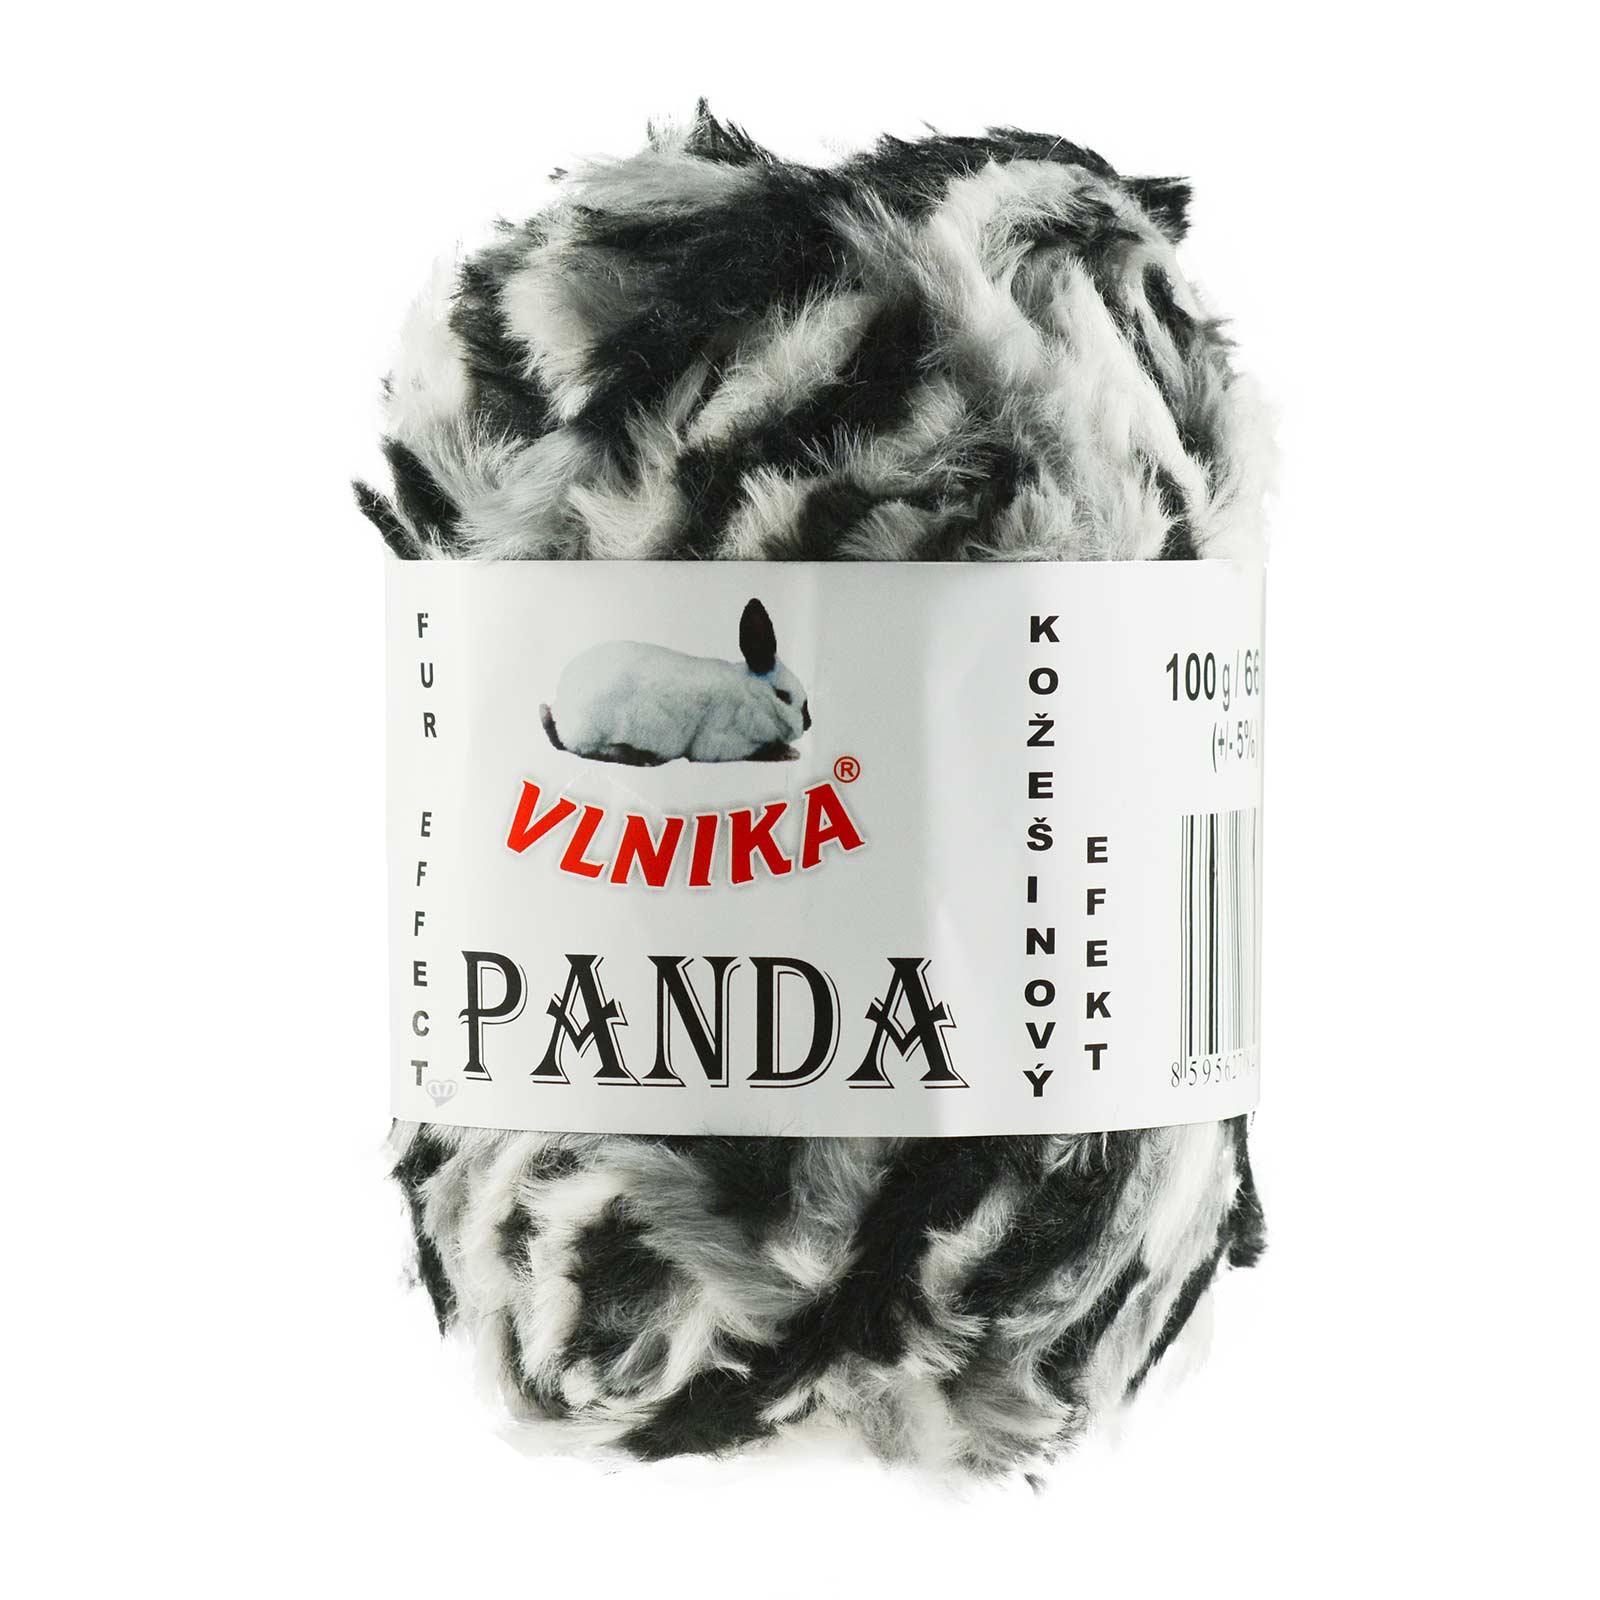 100g Strickgarn Panda Strick-Wolle Webpelz-Garn Kuschelwolle Plüschwolle  – Bild 13